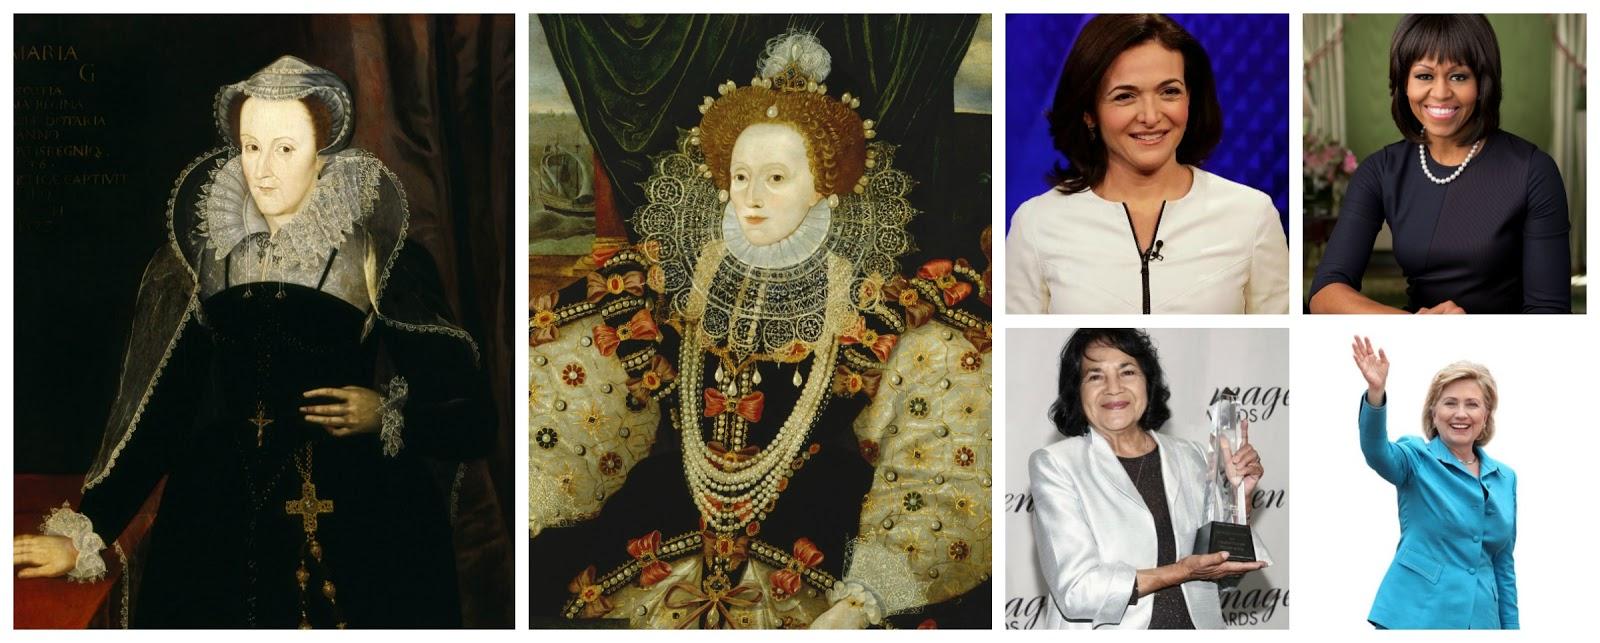 mary queen of scots vs. elizabeth i essay Queen of sheeba essay examples  queen elizabeth essay examples queen elizabeth on september  the execution of mary queen of scots on the 8th of.